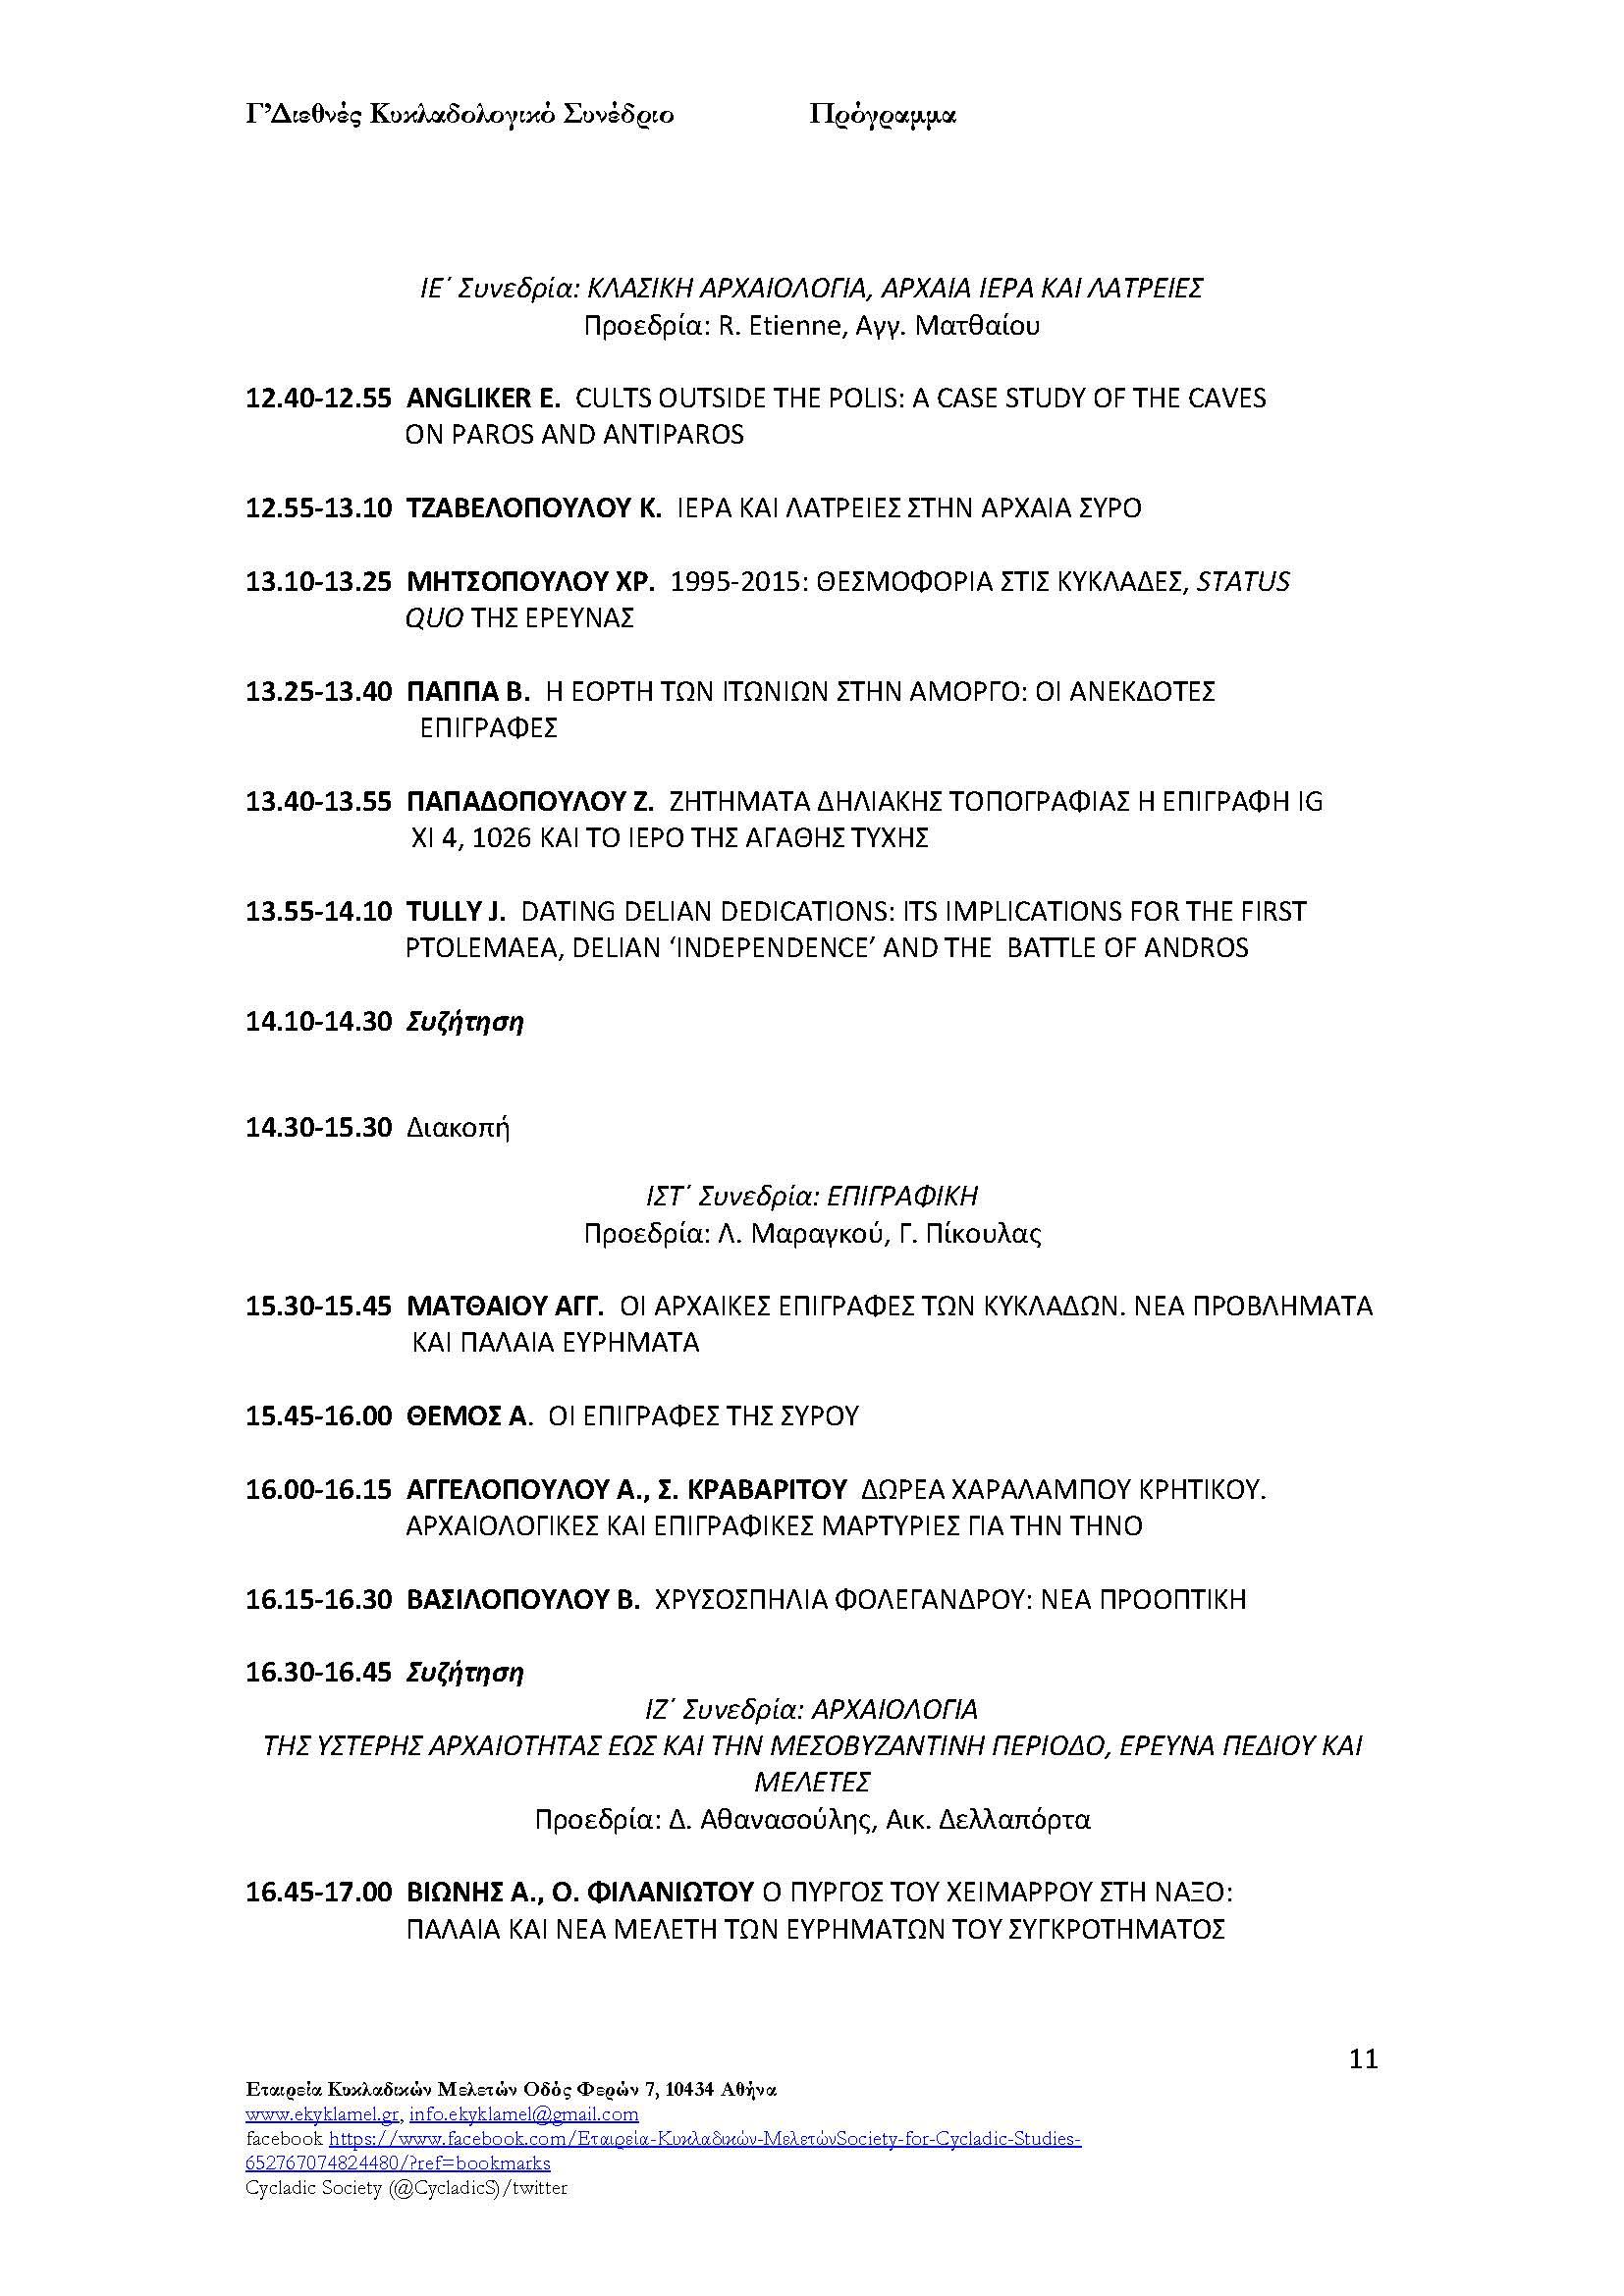 πρόγραμμα Γ' Κυκλαδολογικού Συνεδρίου (1)_Page_11